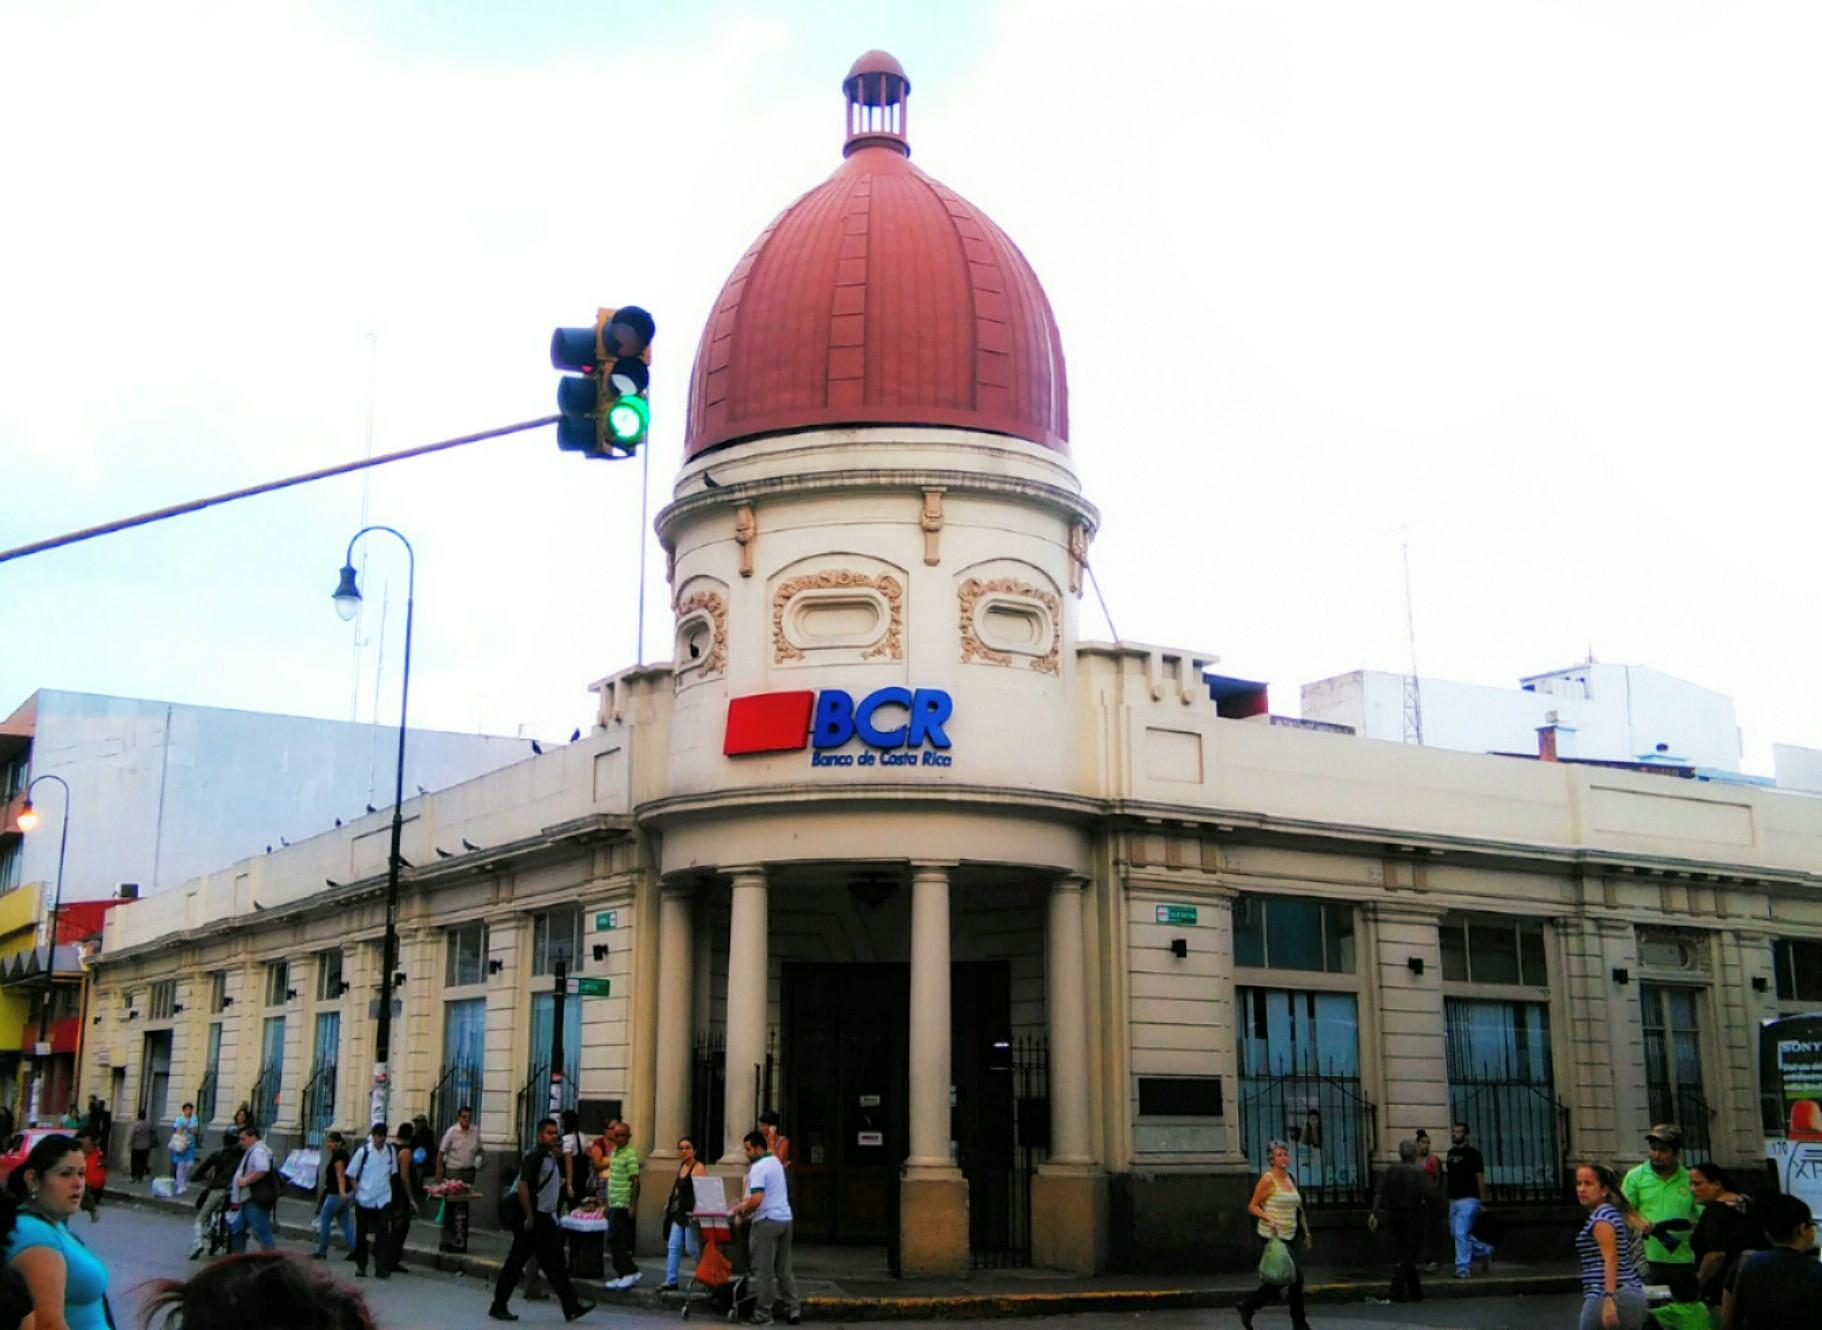 Photo: Wikipedia / Alejandro Taborda